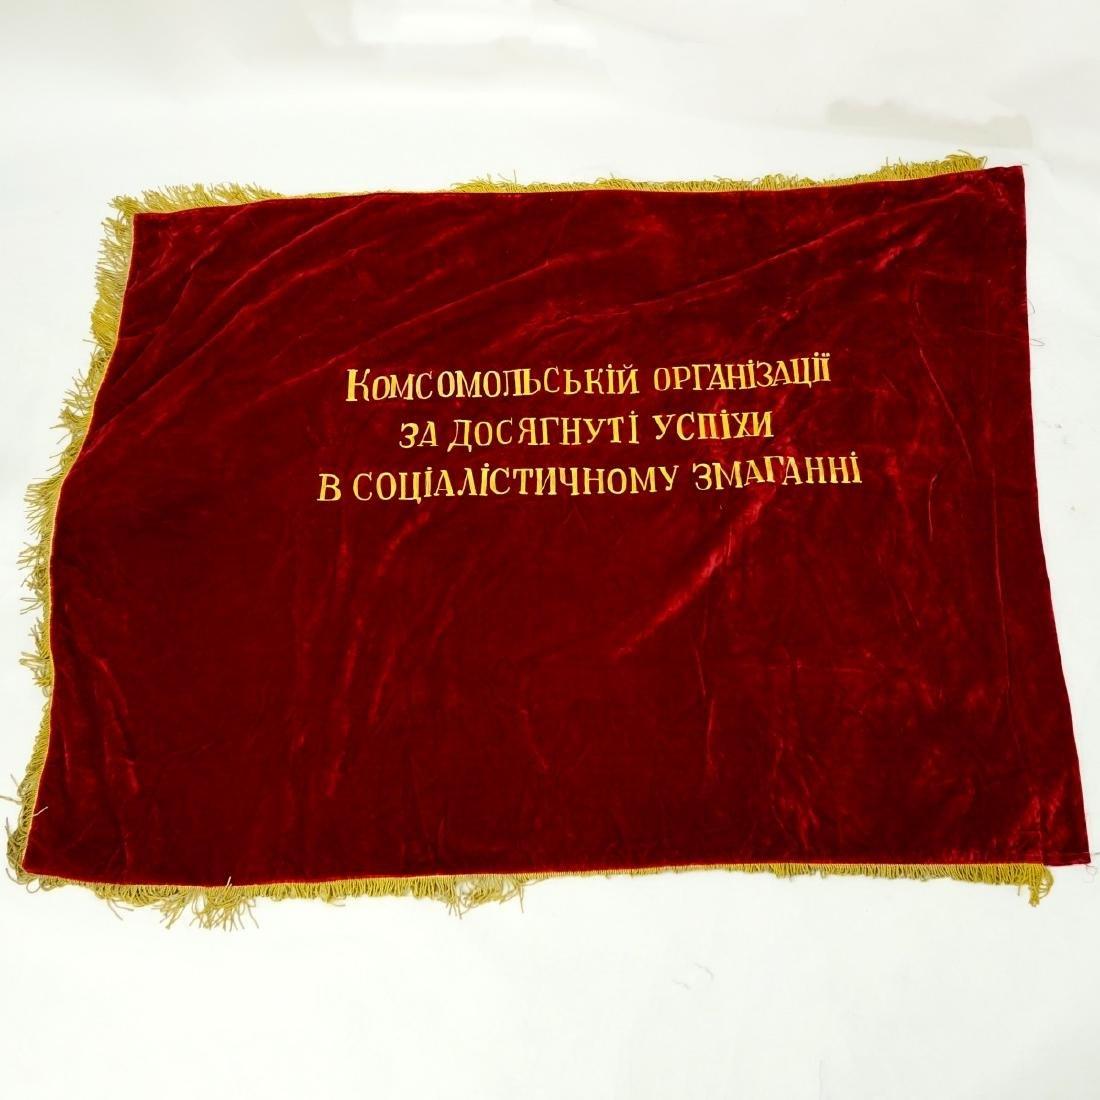 20th Century Russian Soviet Era Lenin-vlksm - 5